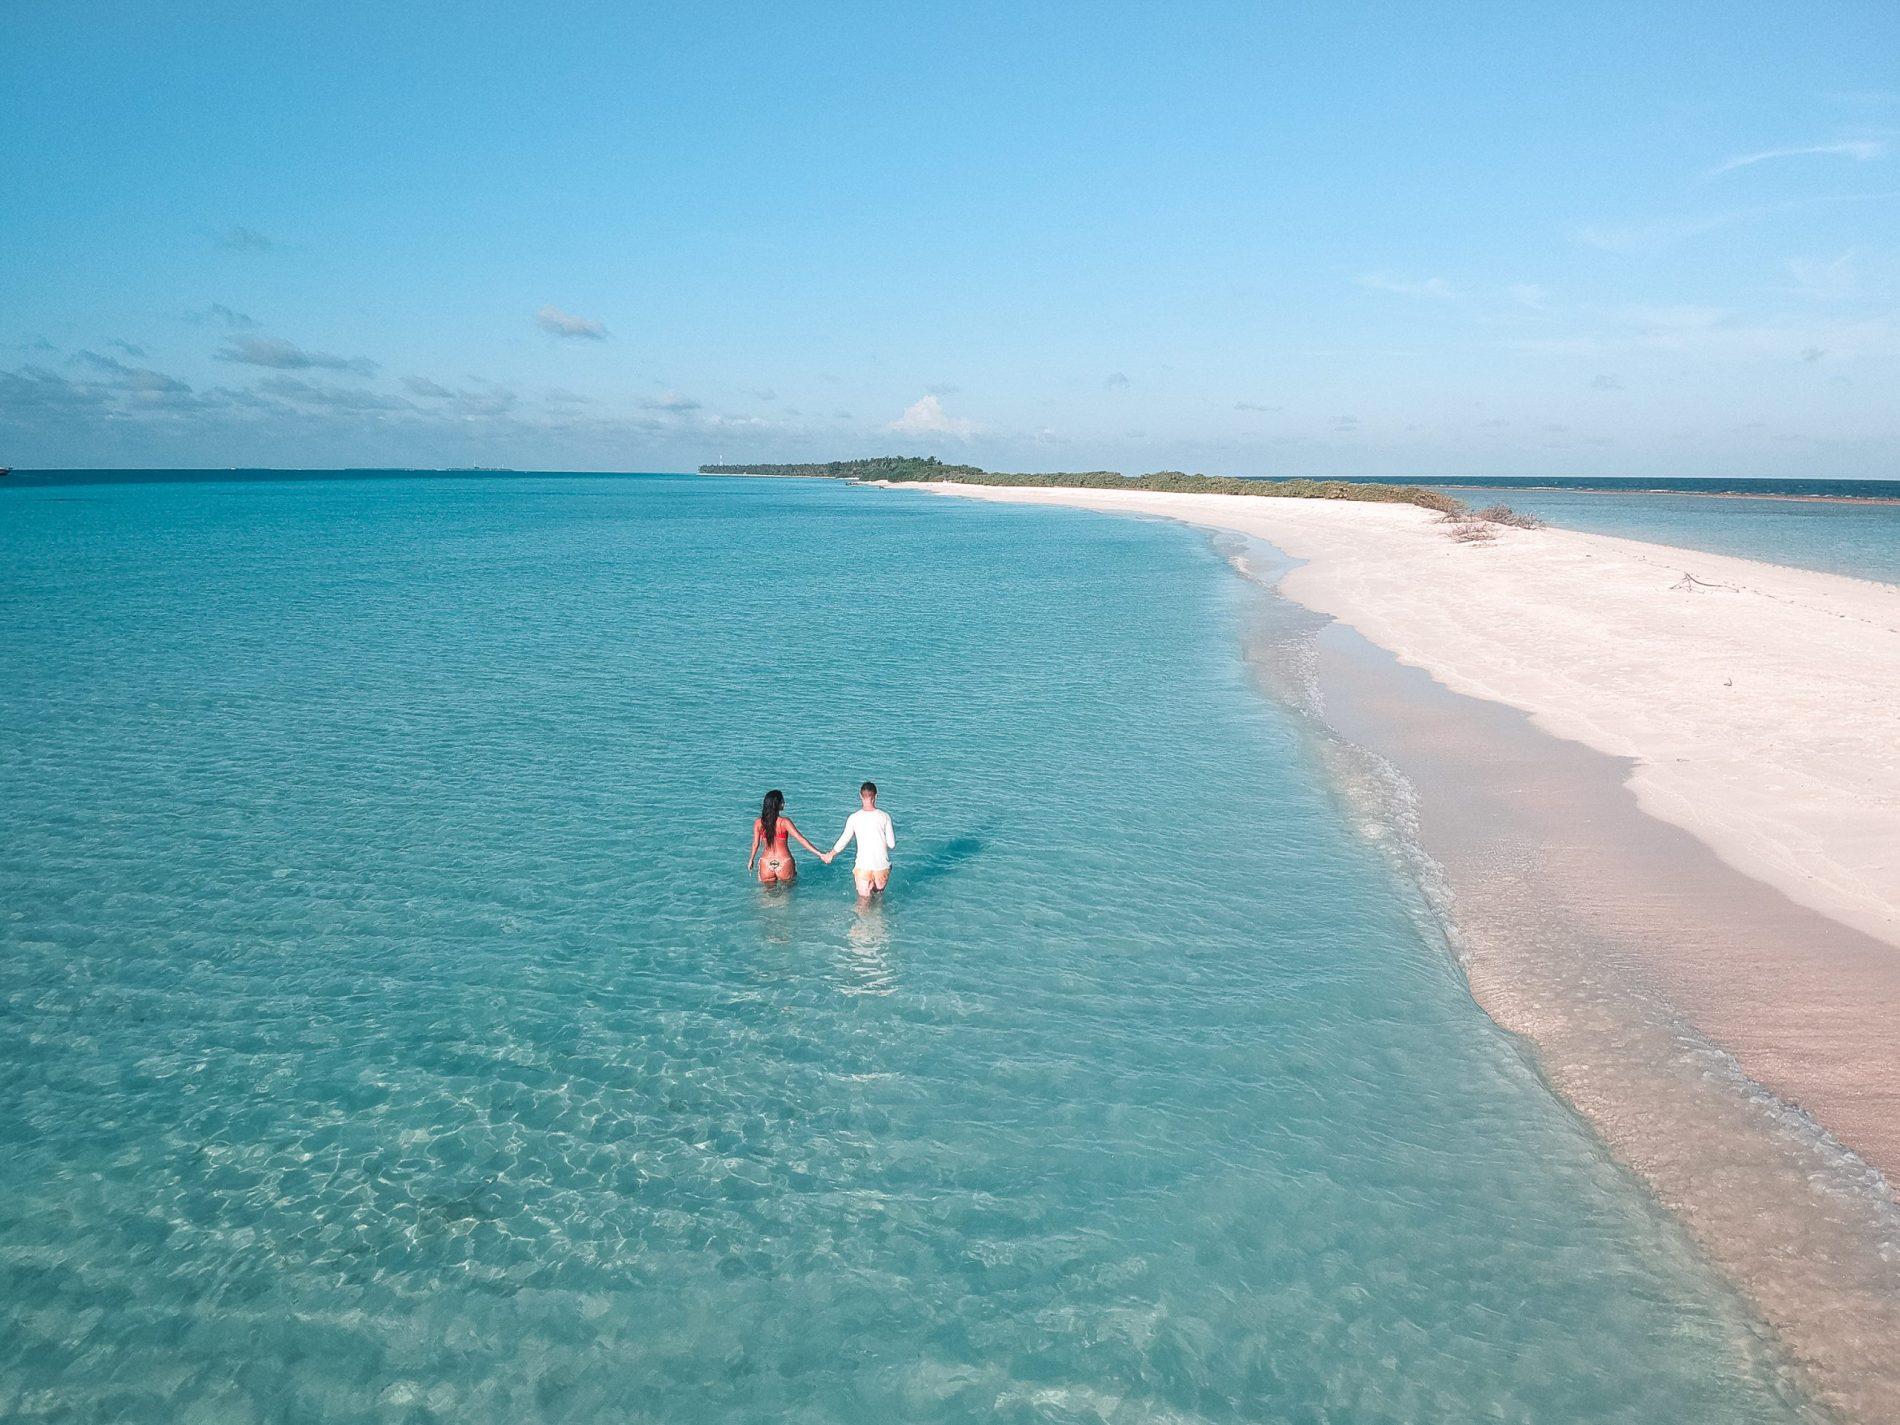 Lua de me barata nas Maldivas